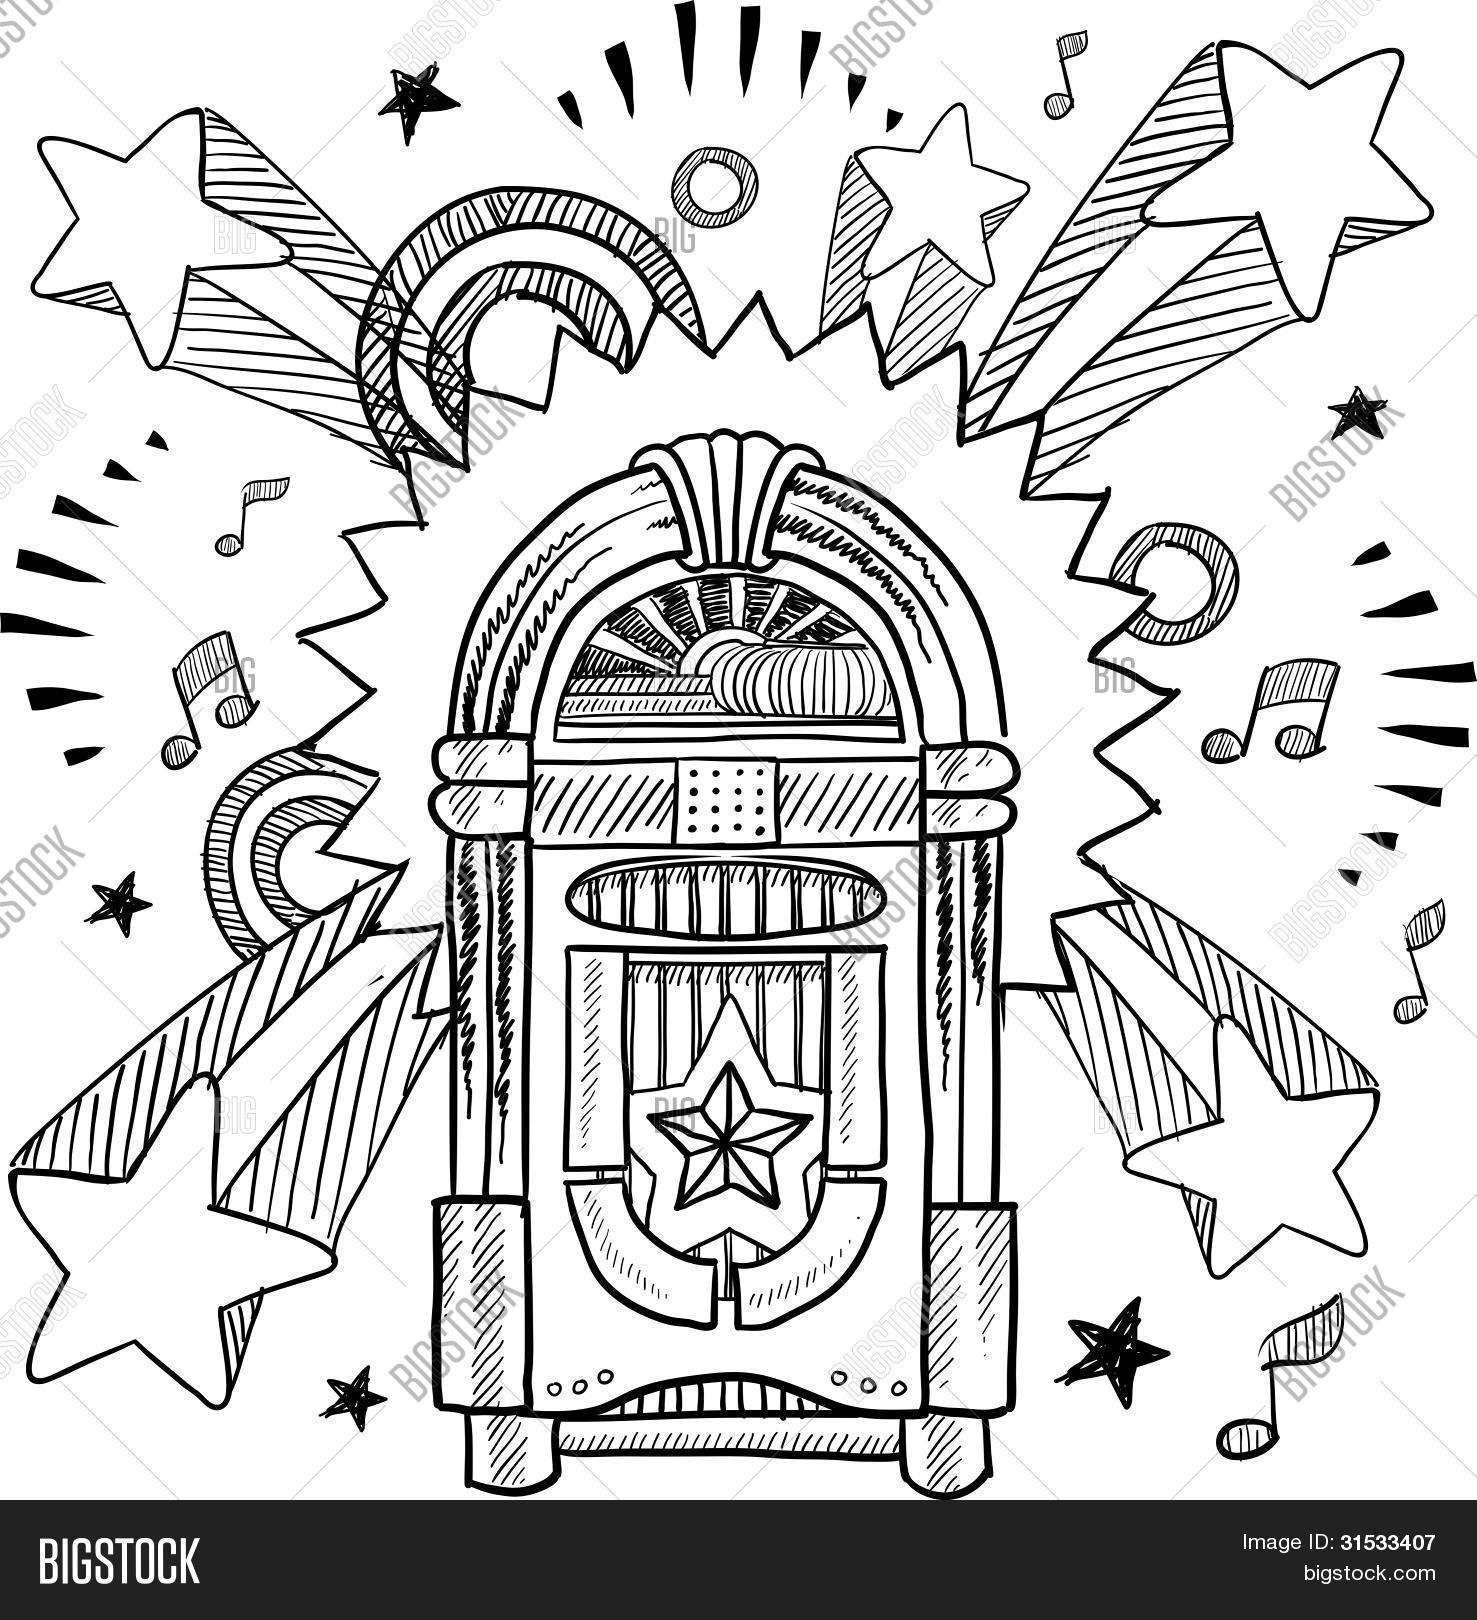 Jukebox Sketch Vector Amp Photo Free Trial